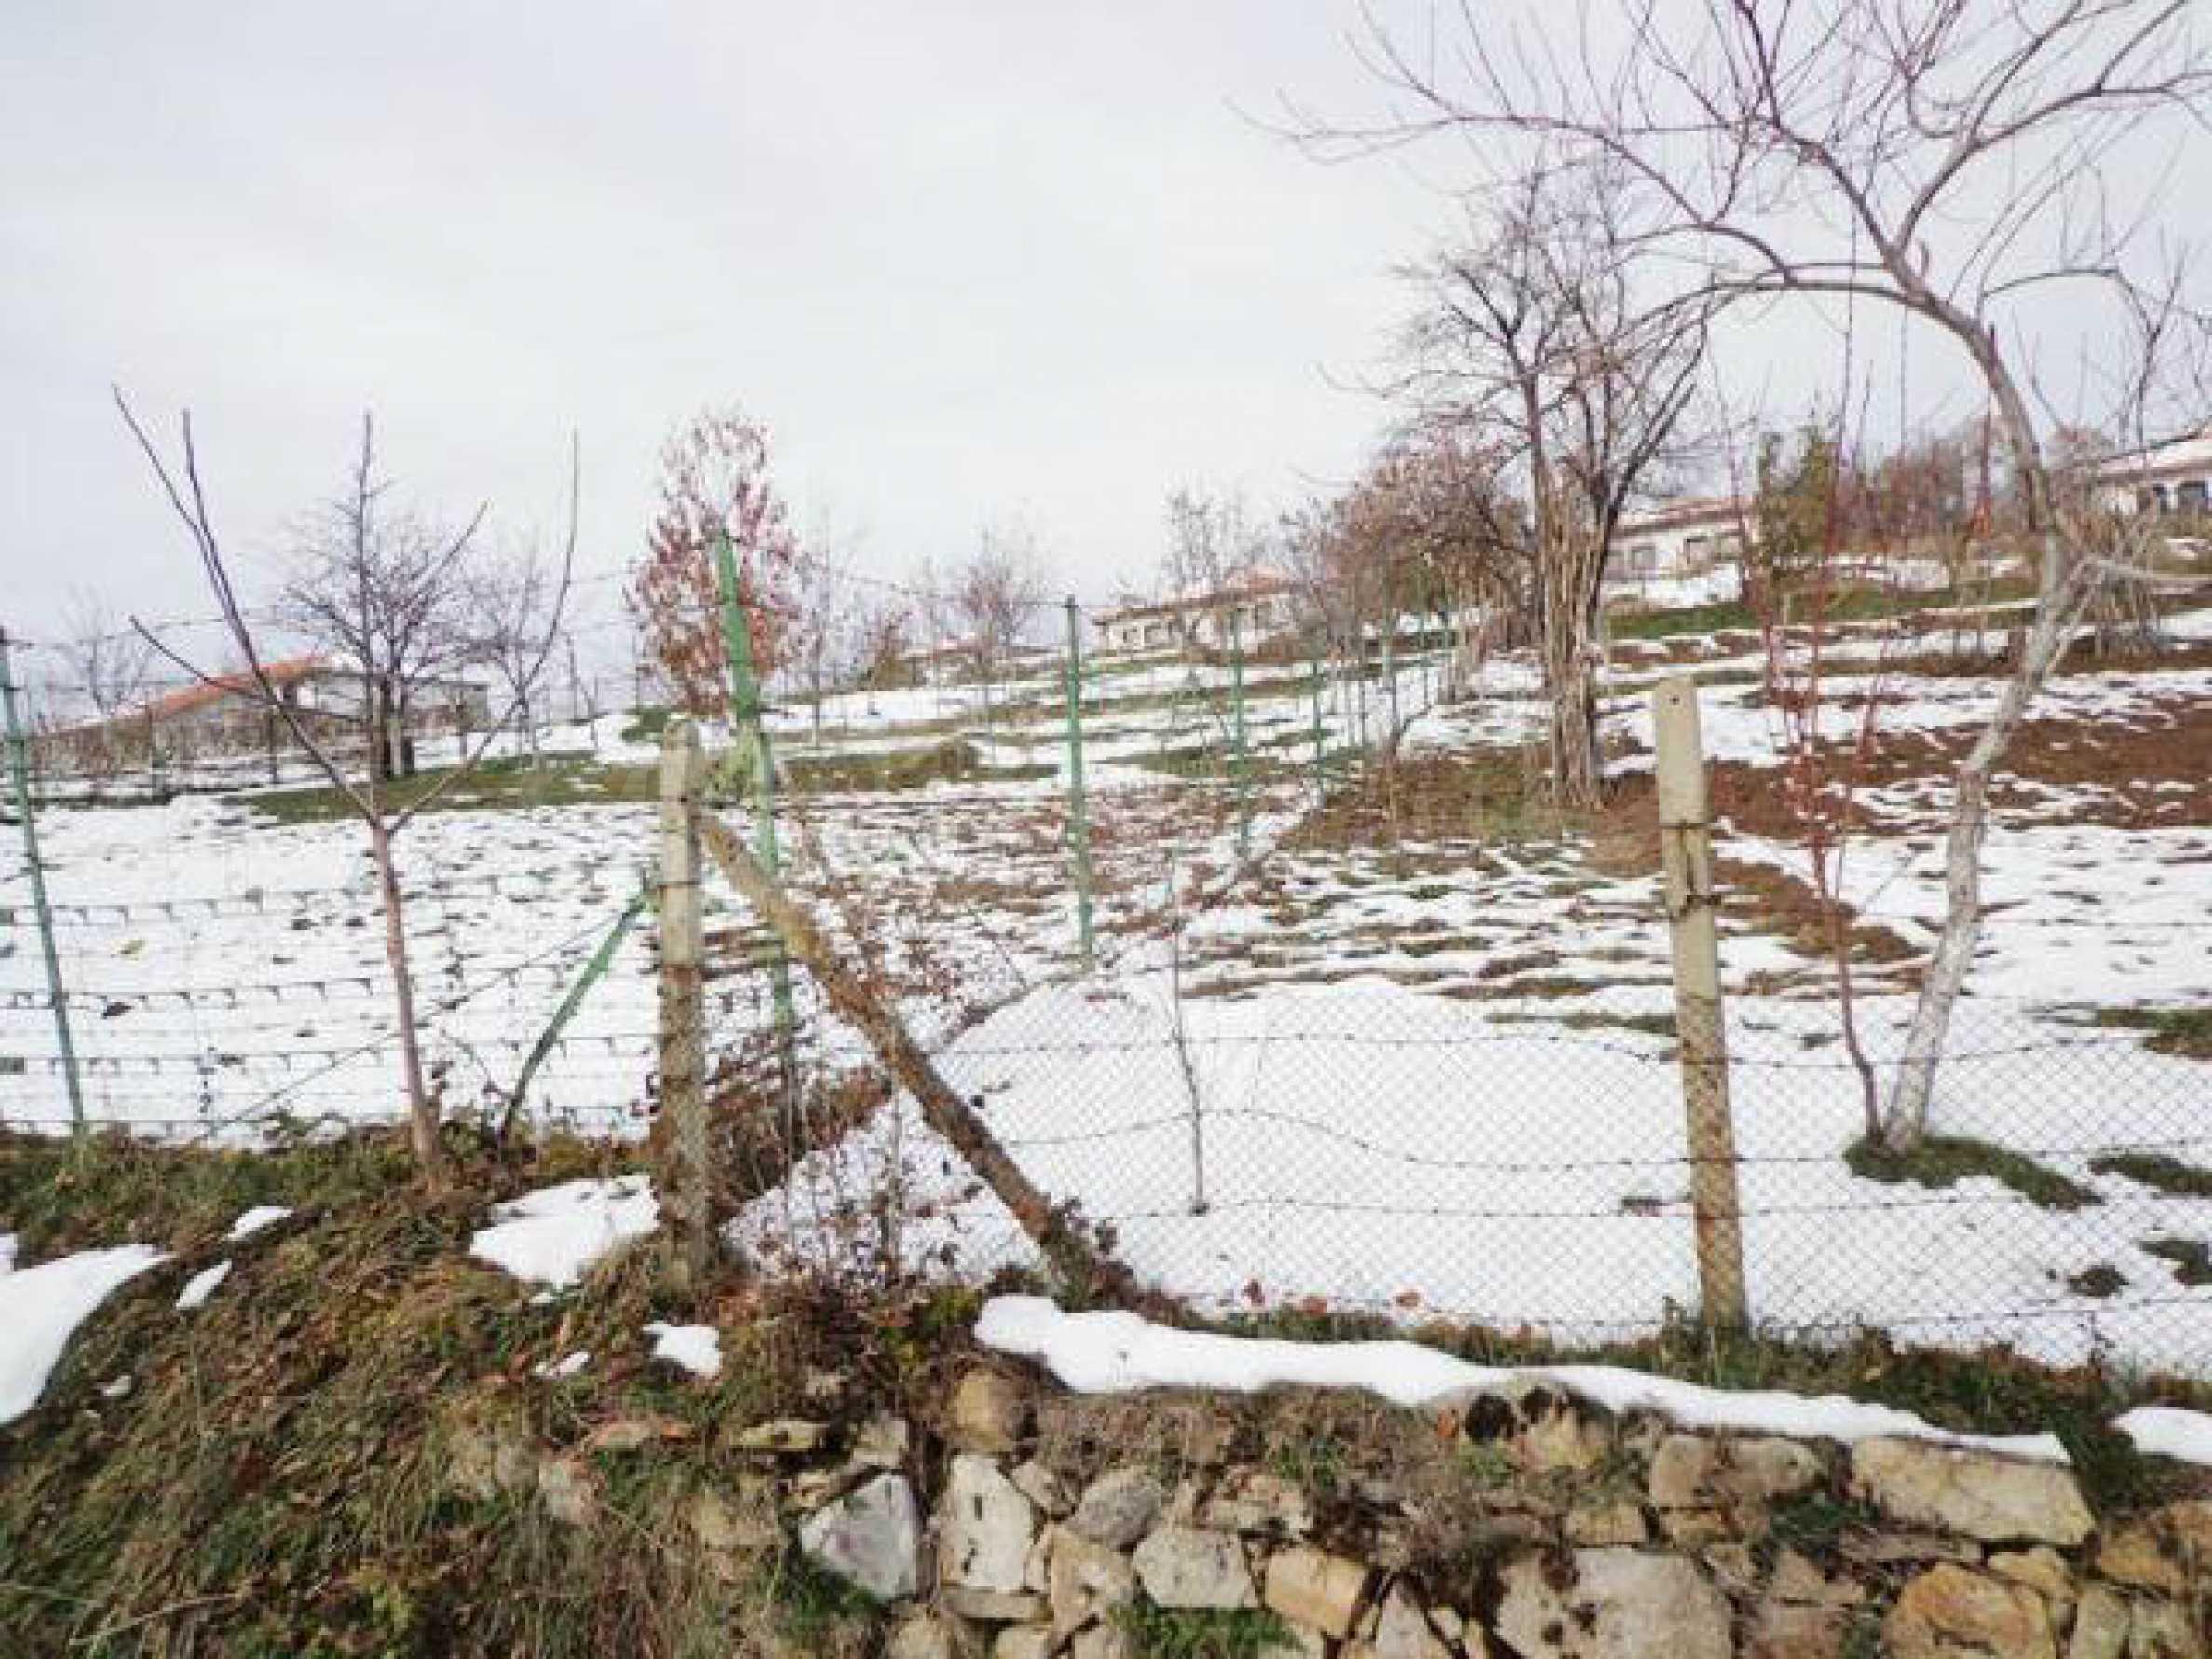 Grundstück zum Verkauf in einem Dorf 5 km von Tryavna entfernt 3